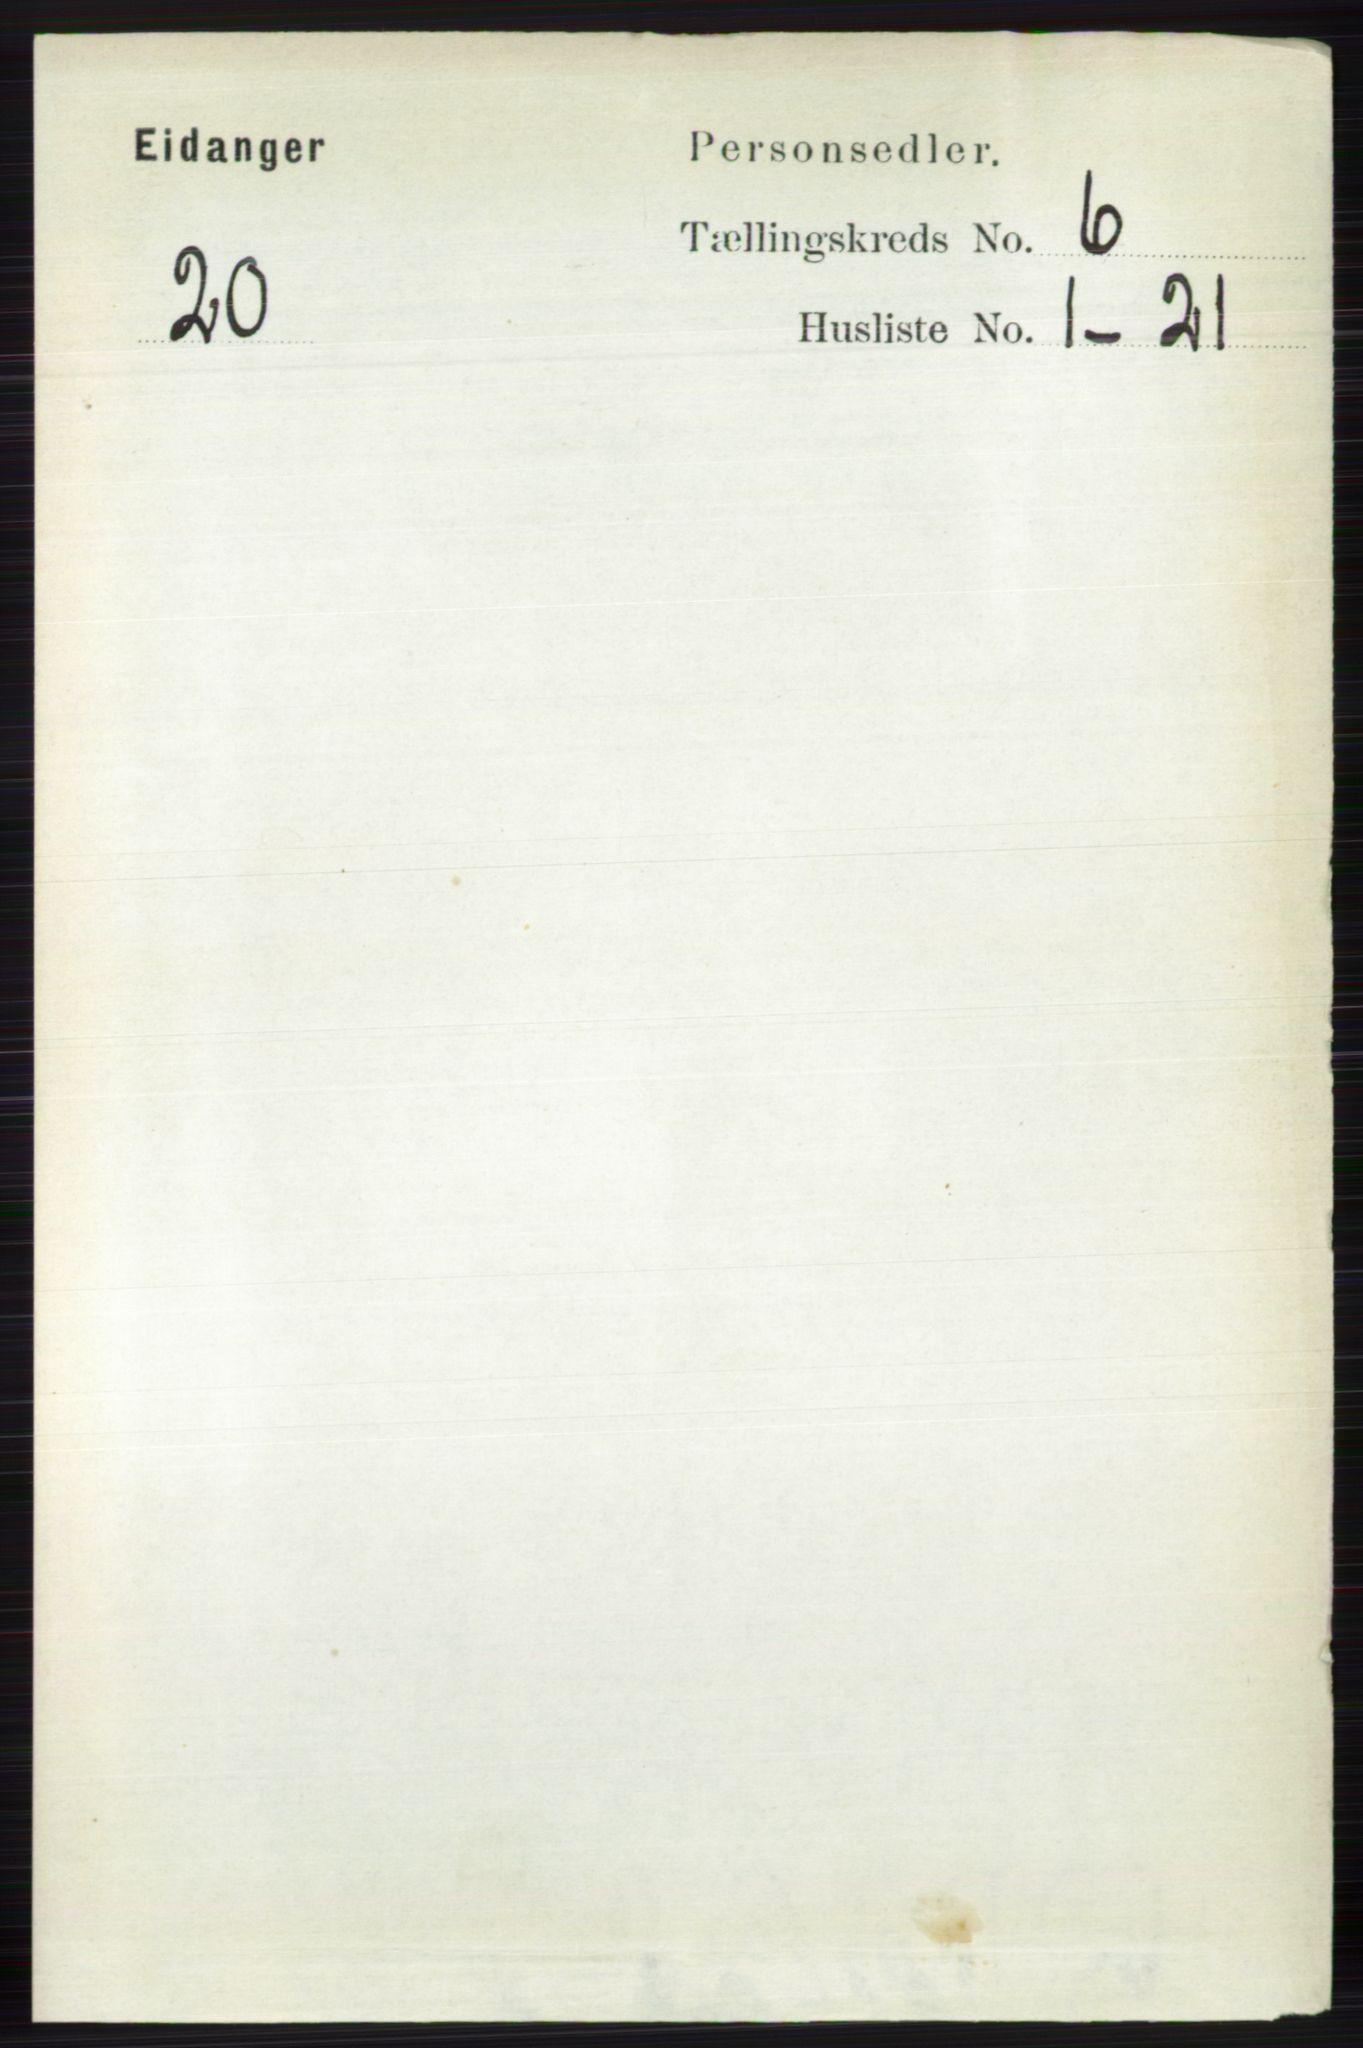 RA, Folketelling 1891 for 0813 Eidanger herred, 1891, s. 2567